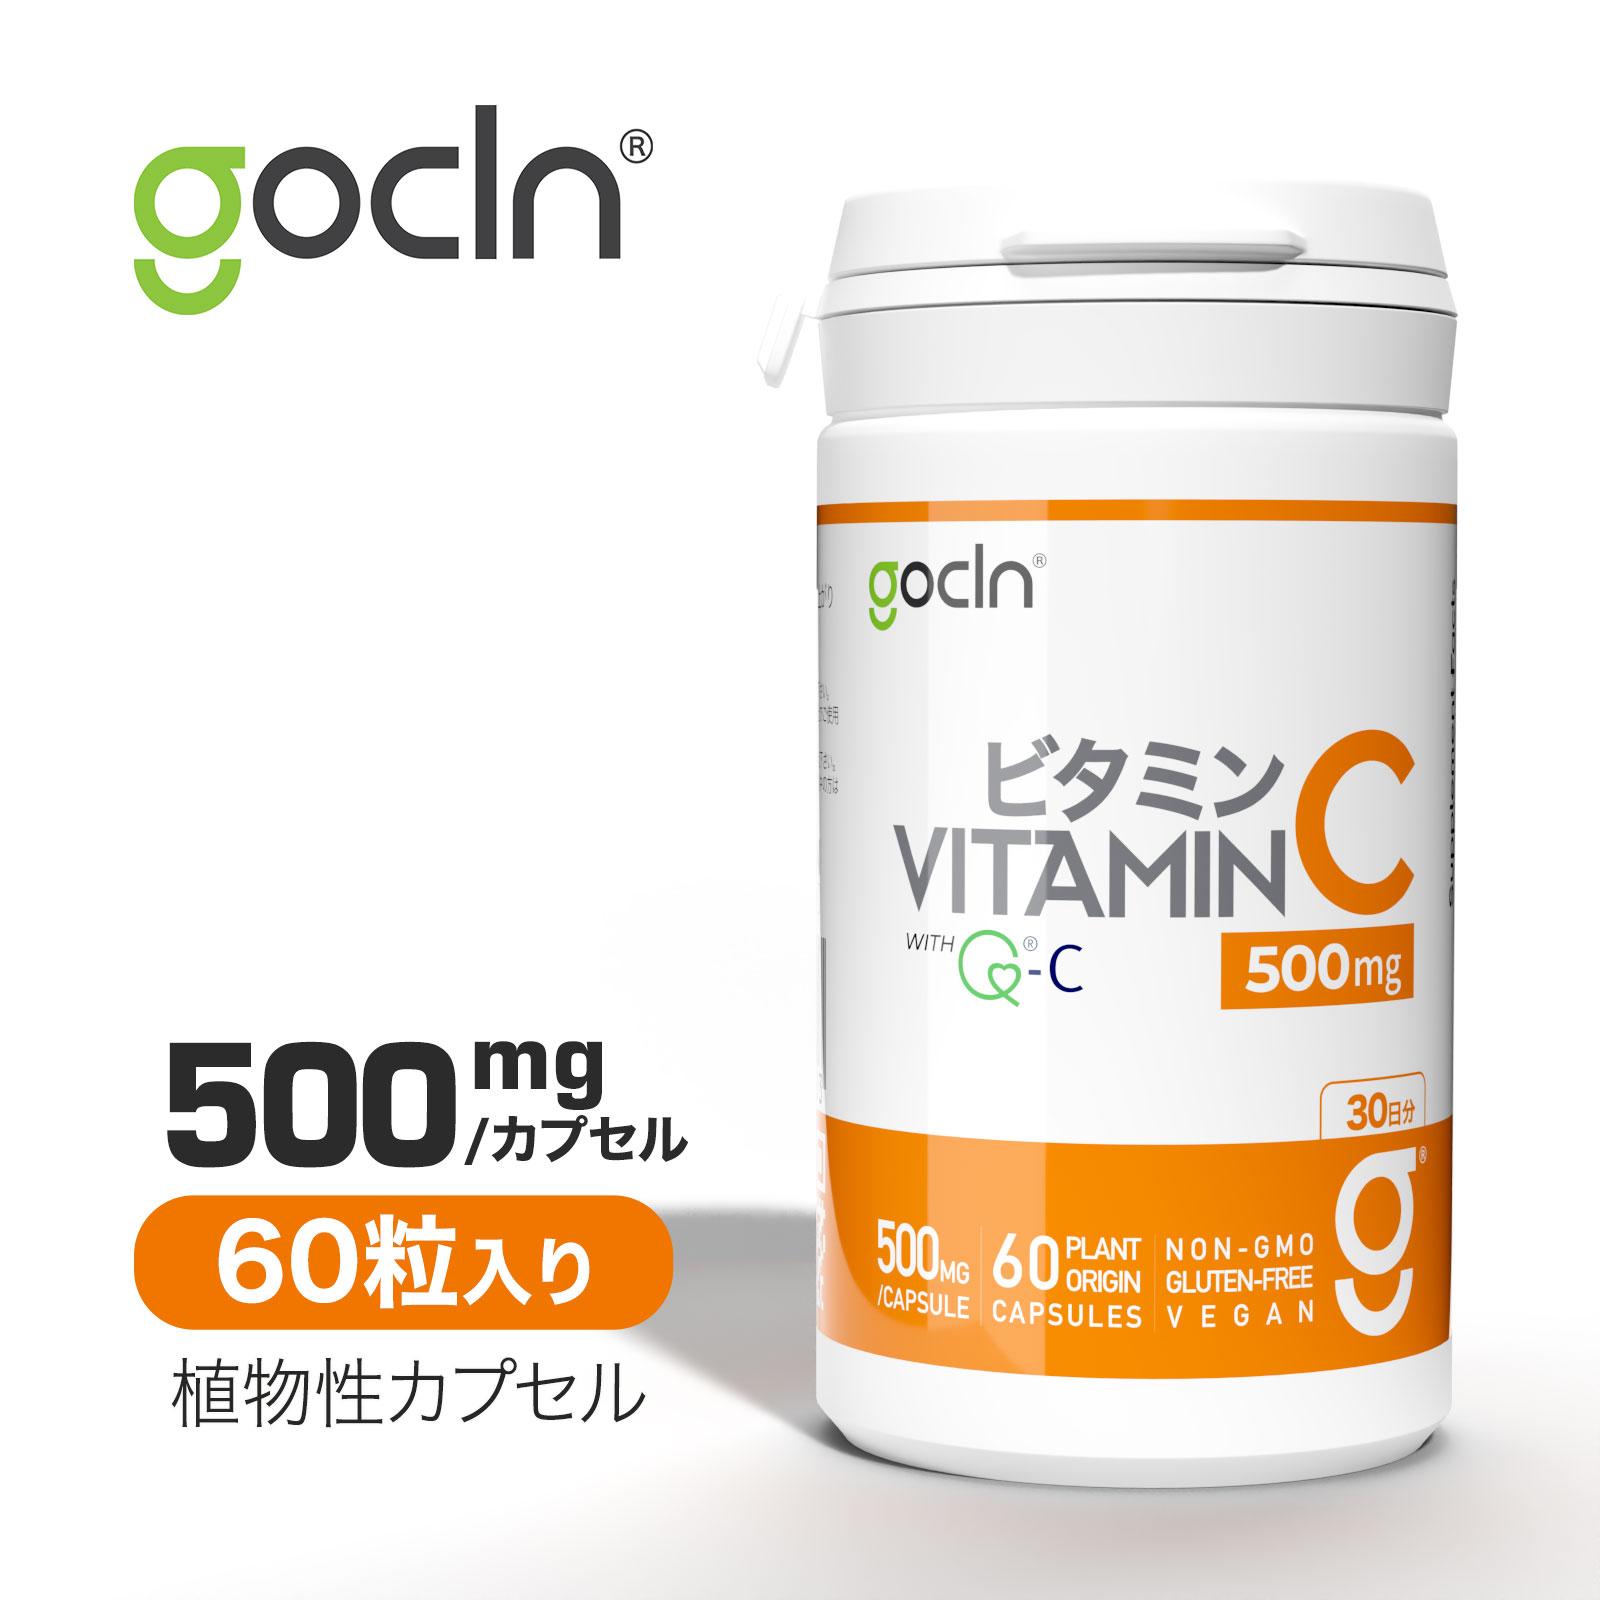 満たす 届く 高める 交換無料 ピュアビタミン GoCLNビタミンC 直営ストア QC-100 ビタミンC GoCLN QC100 - 国内製造 C 60 100% Vitamin Quali カプセル 高純度